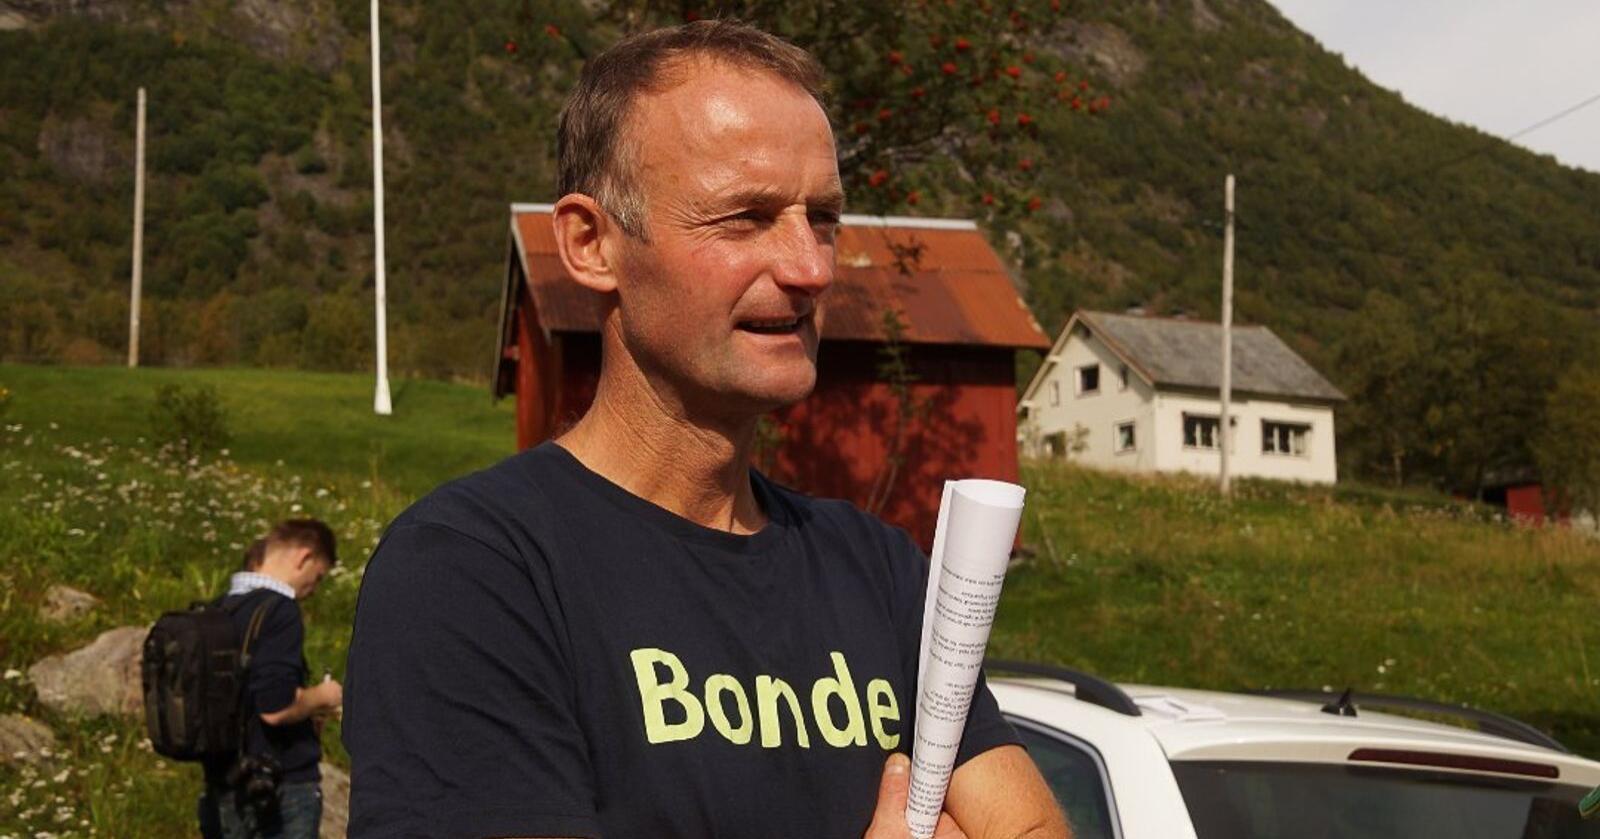 Fylkesleiar i Vestland Bondelag, Anders Felde, meiner det er dramatisk at det blir seld så mange mjølkekvotar både i Vestland og resten av landet. Sjølv driv han med mjølk i samdrift. Foto: Privat